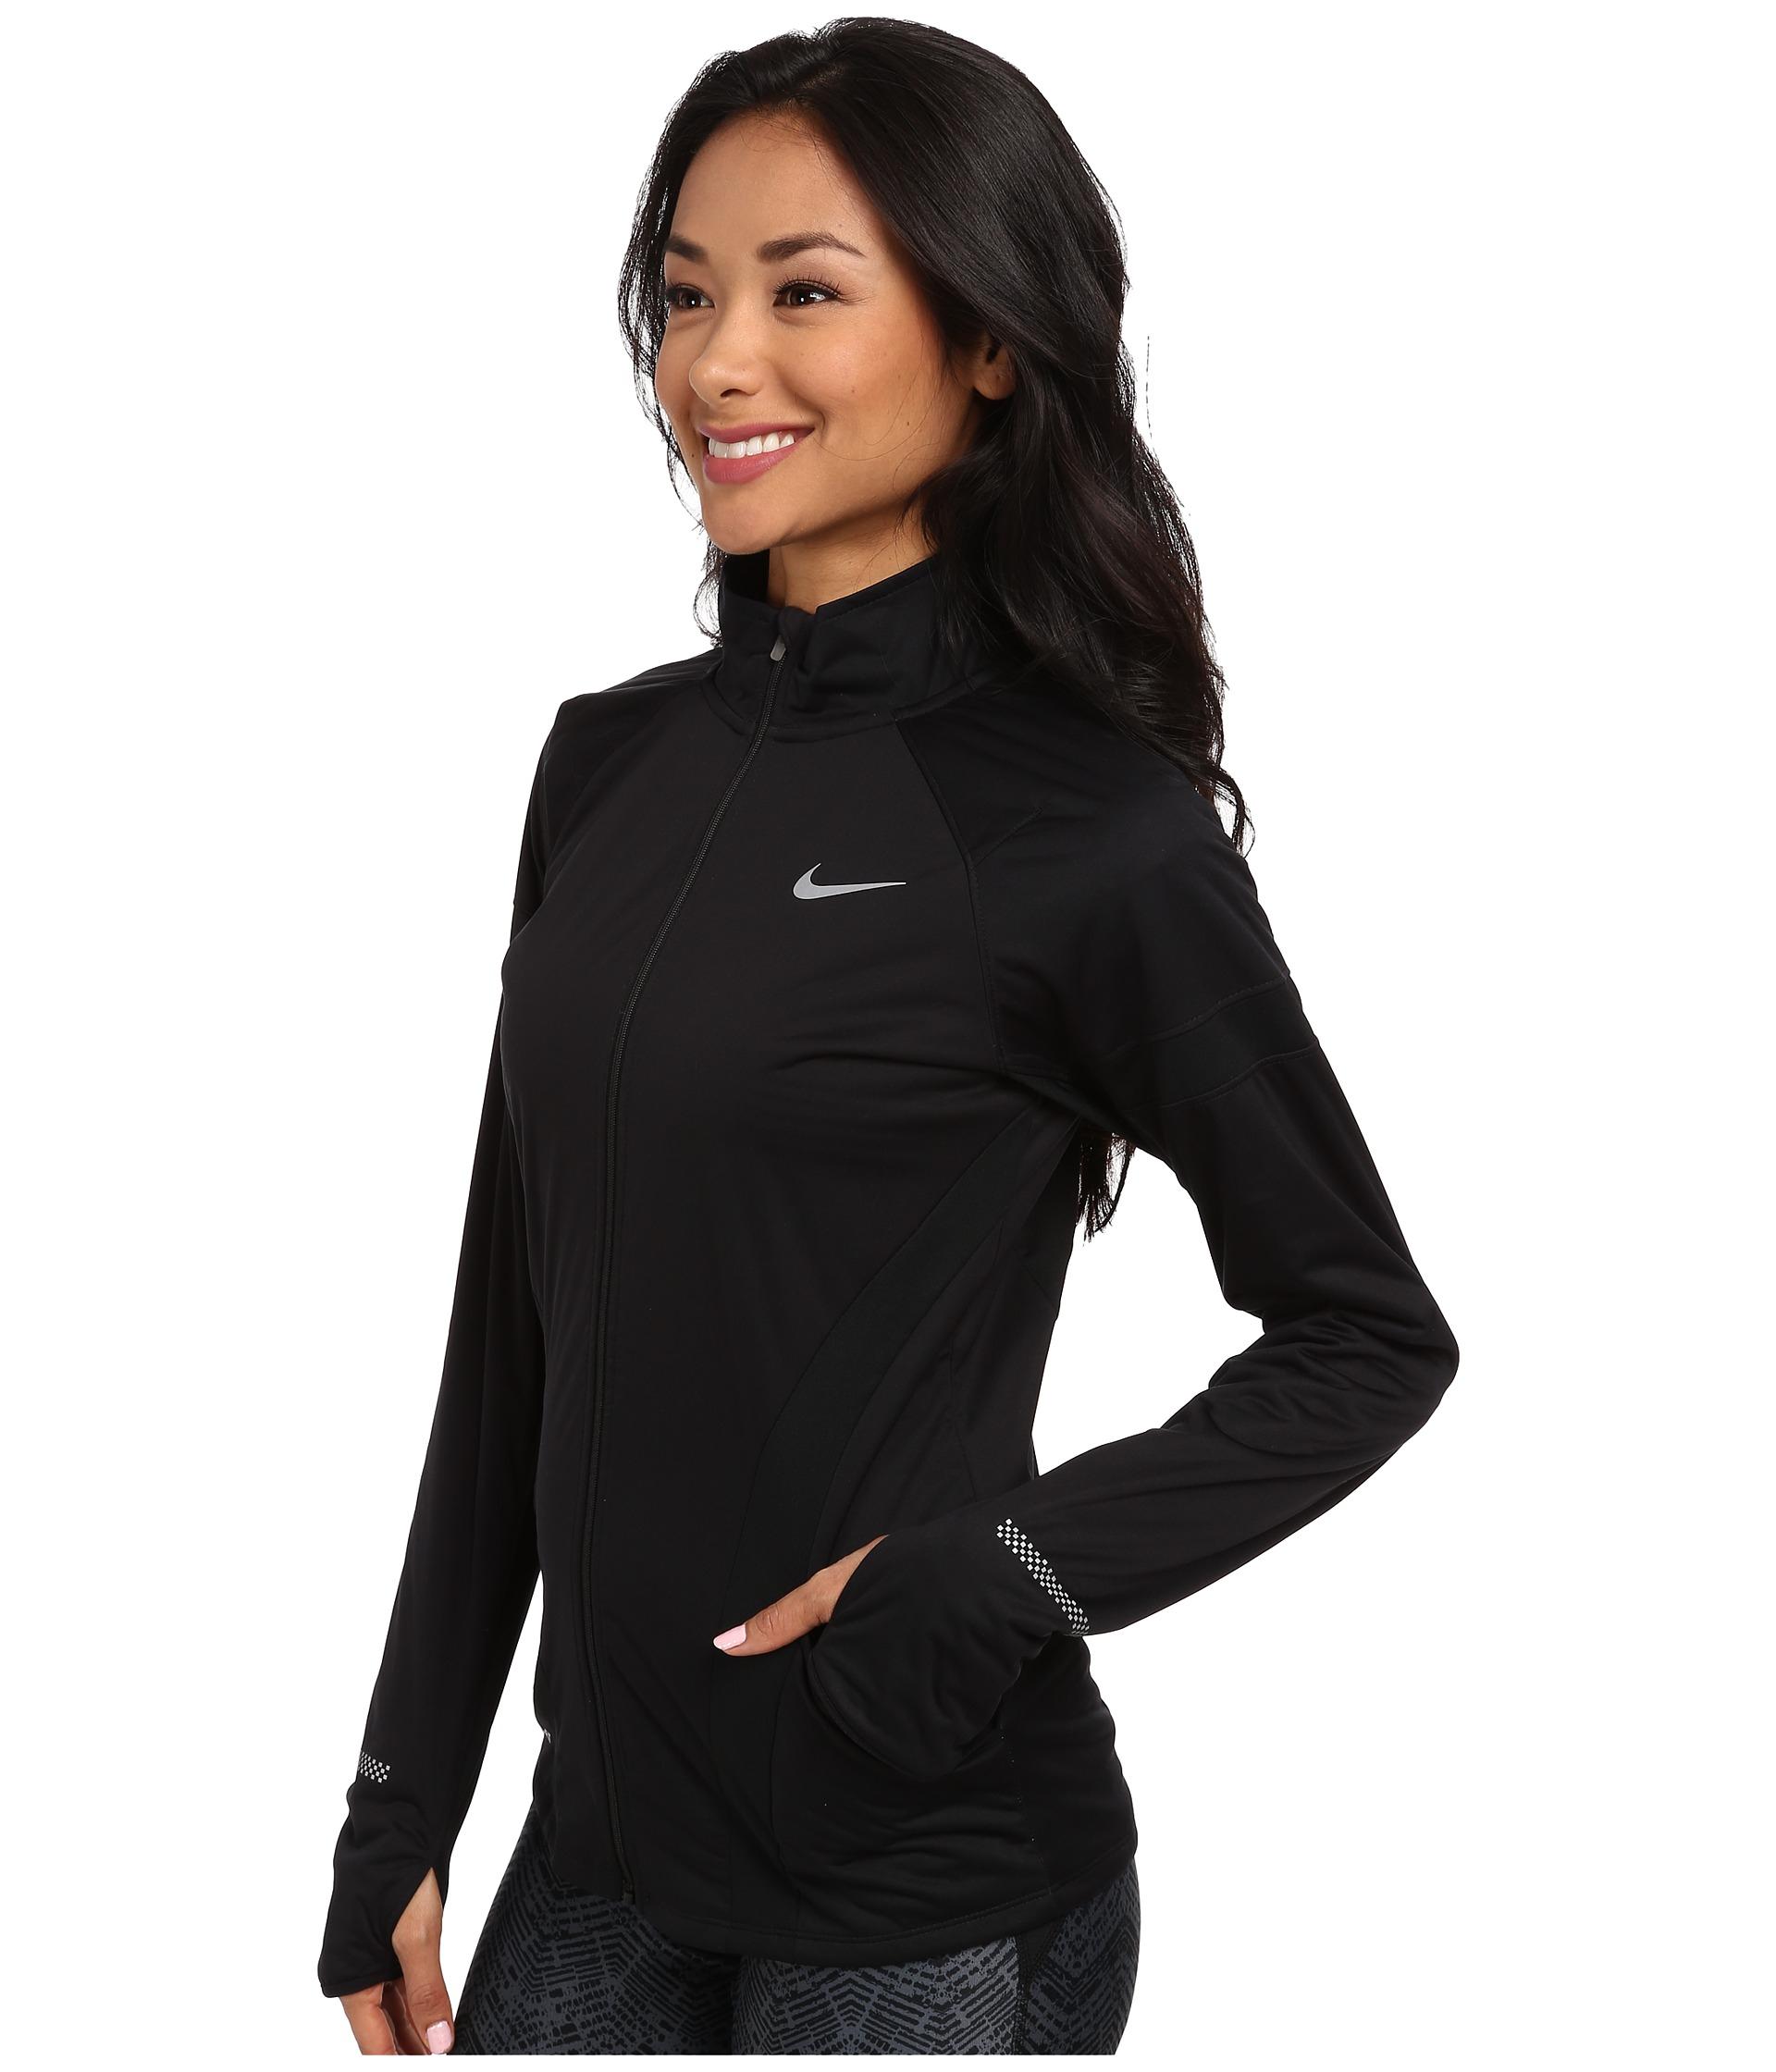 df8e054197 Lyst - Nike Element Shield Full-Zip Jacket in Black